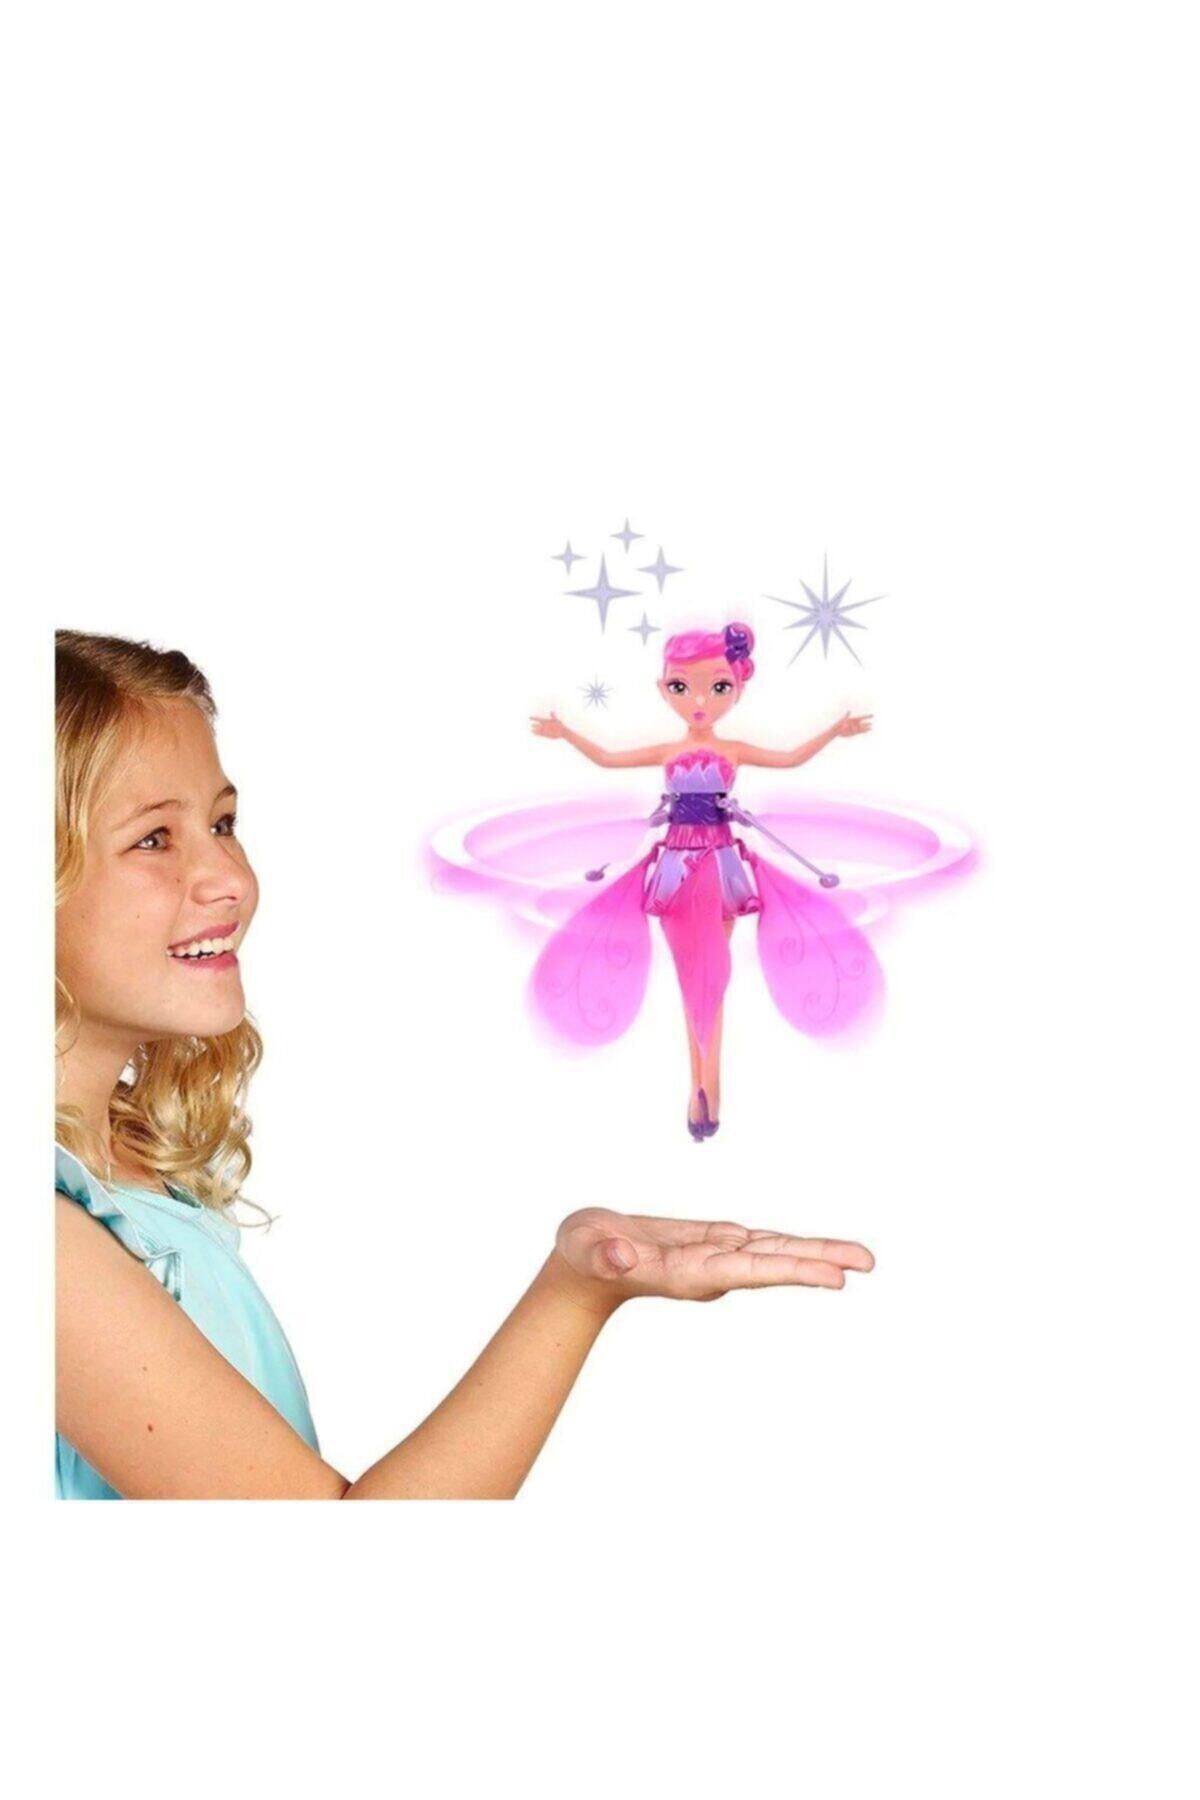 DEDE Uçan Peri Oyuncağı - Şarjlı, Hareket Sensörlü - Sihirli Flying Fairy, Pembe 1